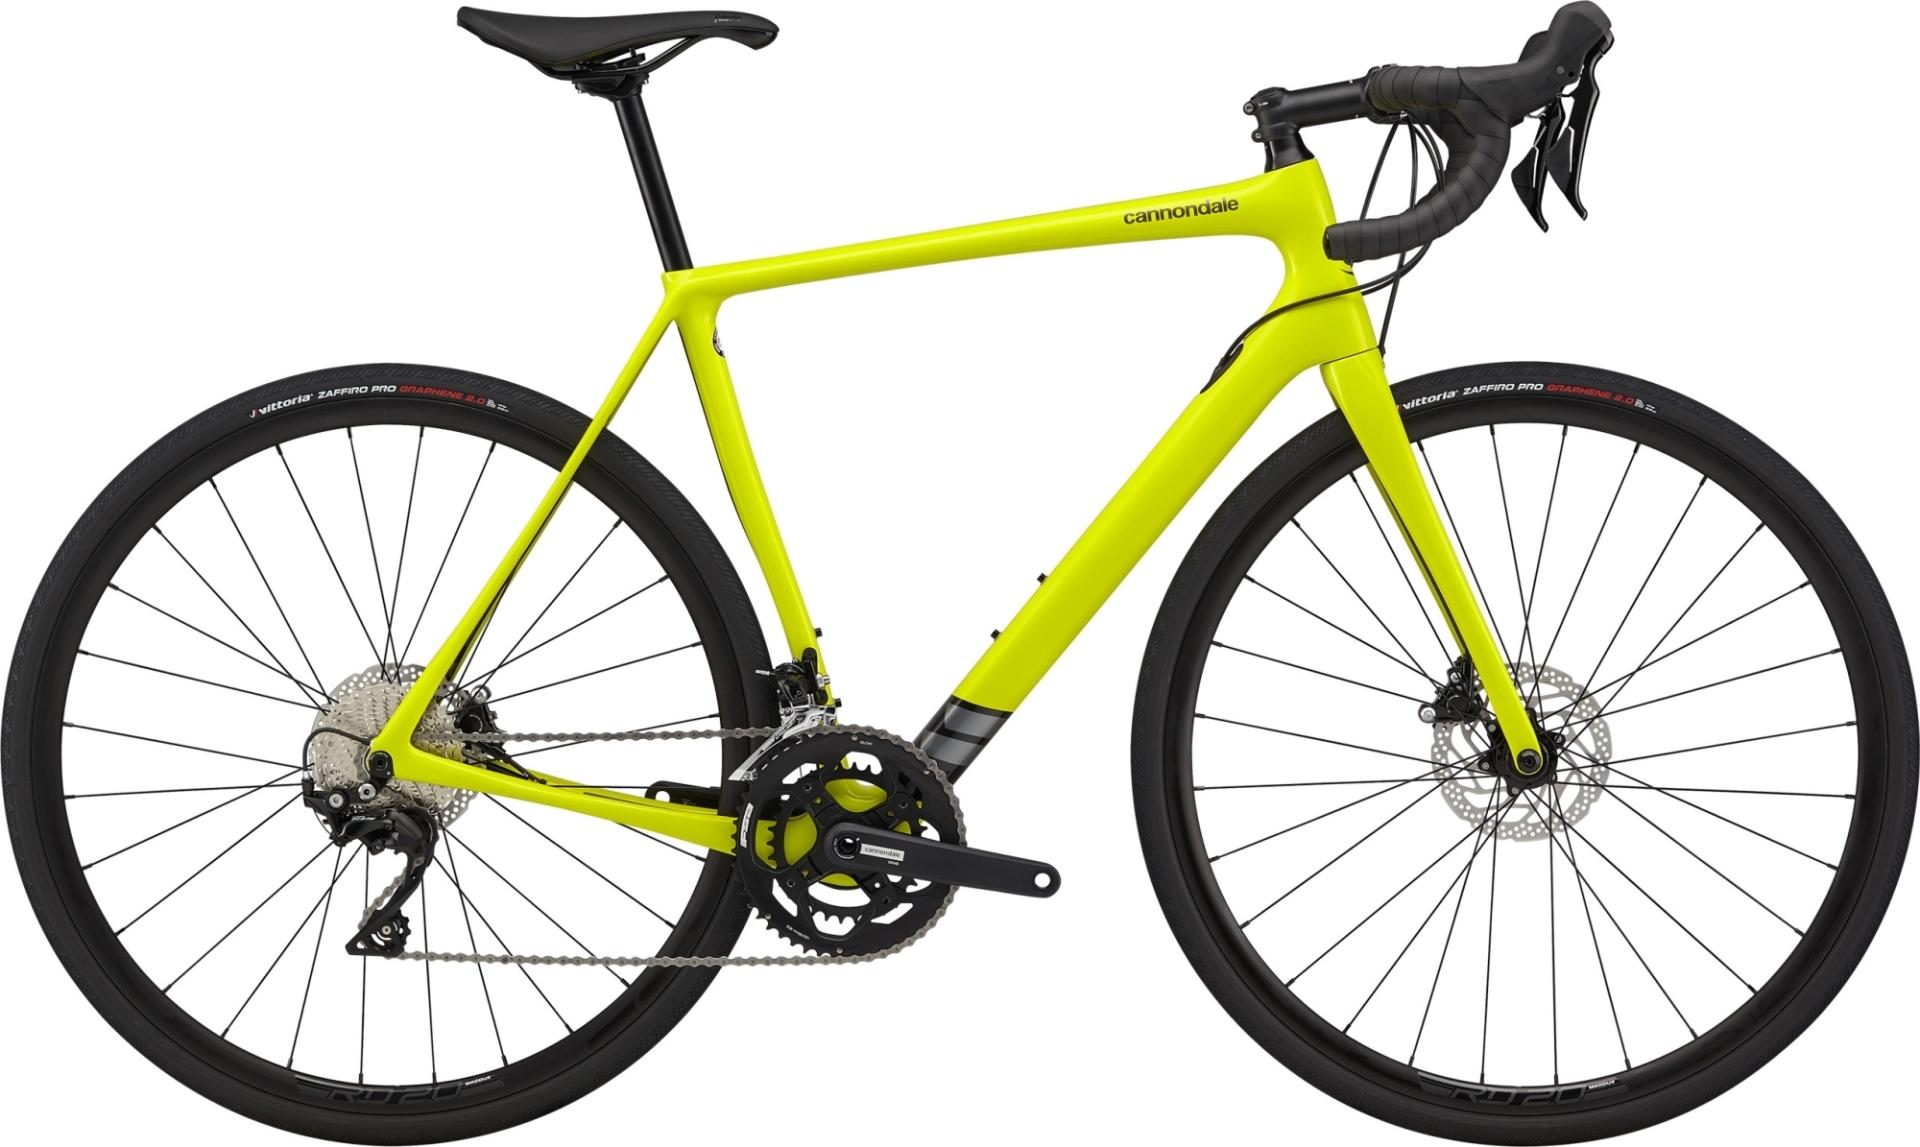 Cannondale Synapse Carbon 105 országúti kerékpár - sárga - 51 cm (2020)